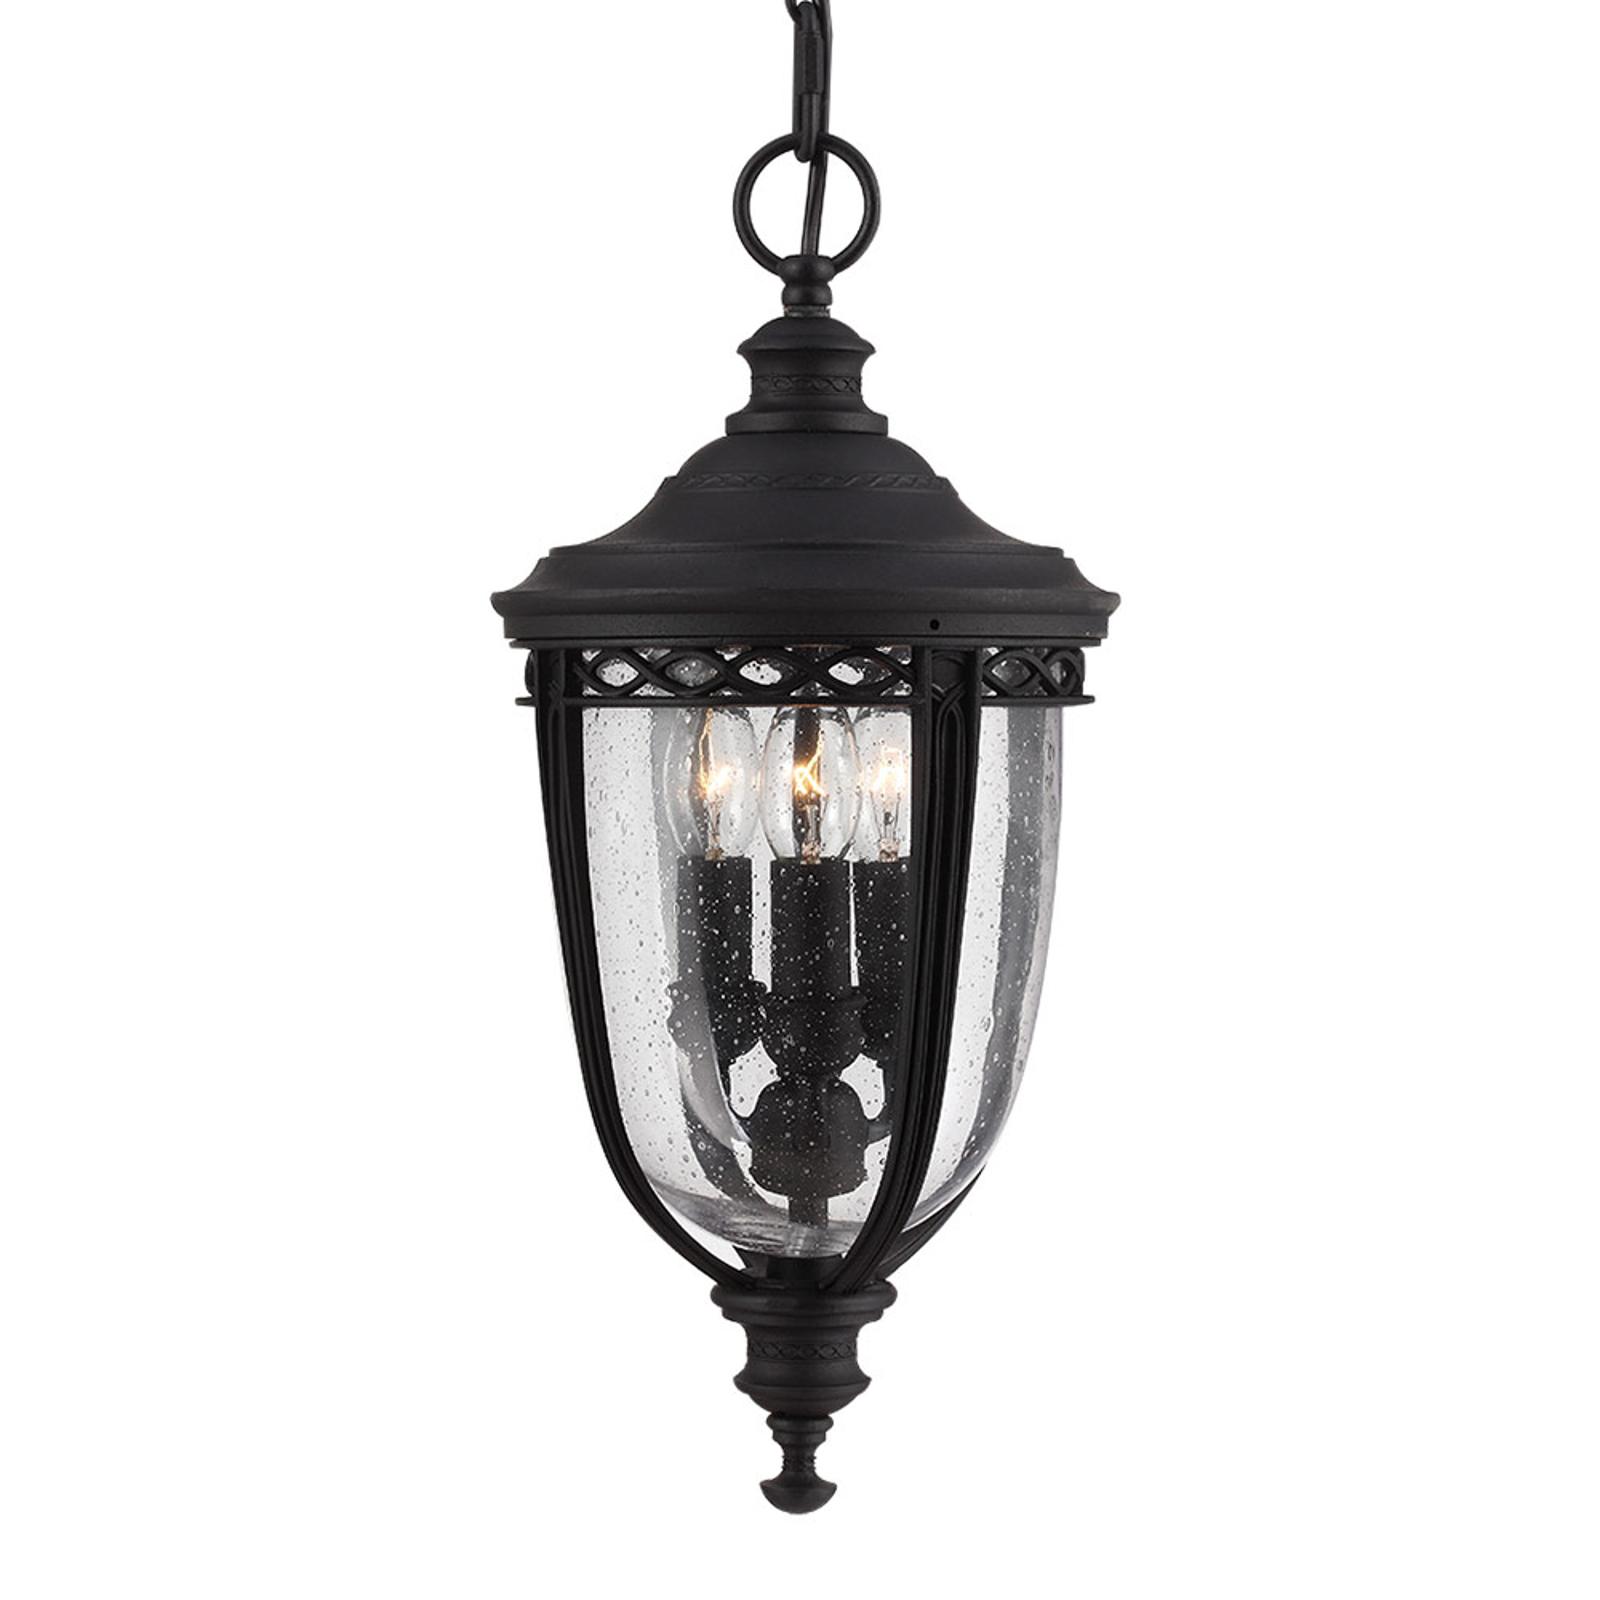 Lampa wisząca English Bridle na zewnątrz, czarna